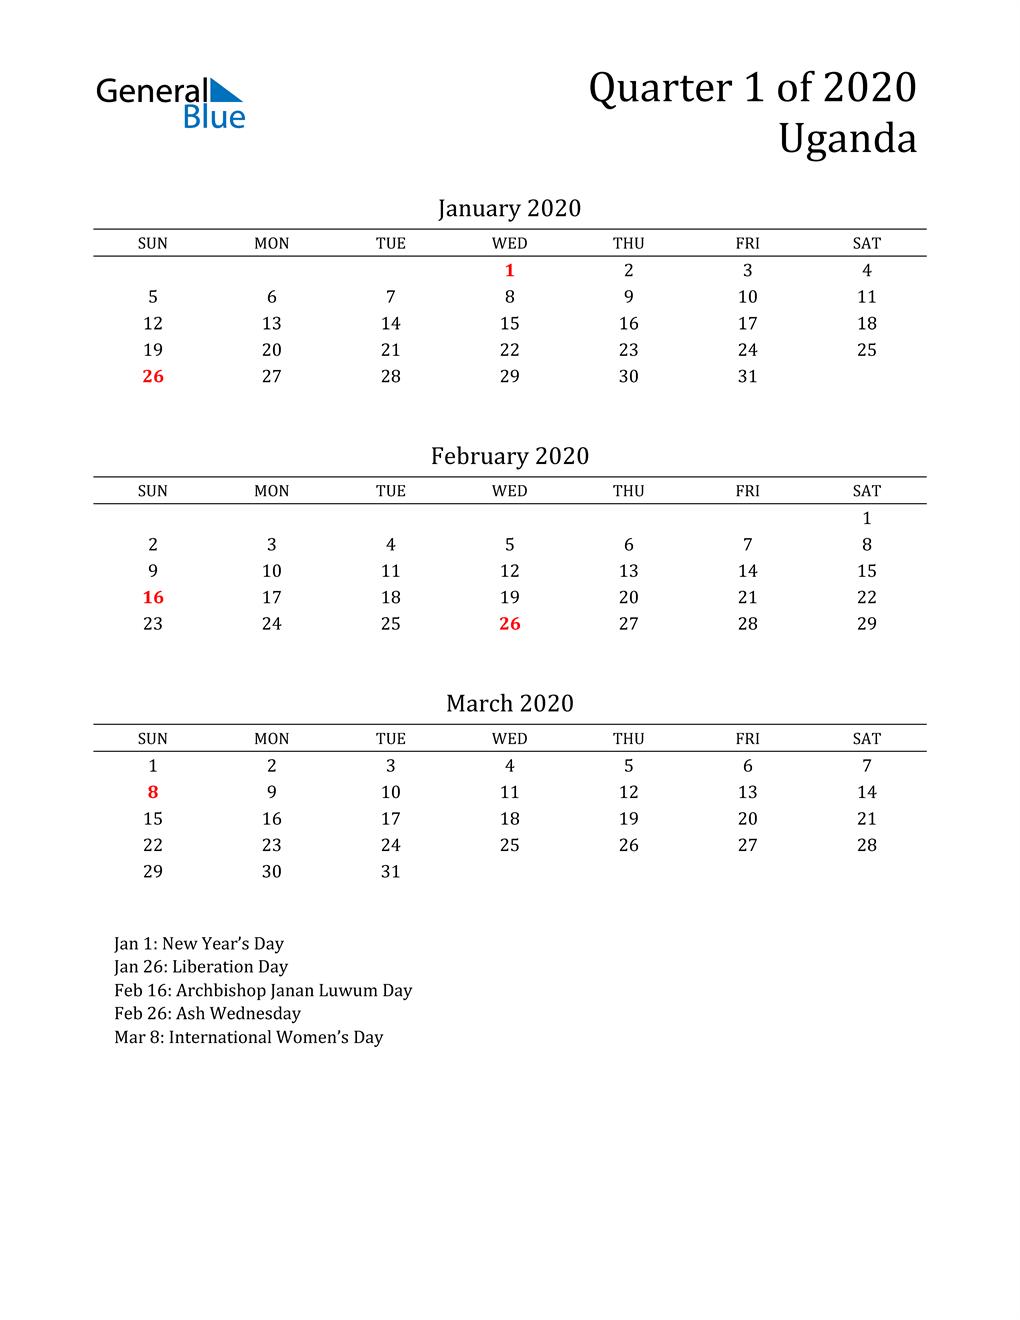 2020 Uganda Quarterly Calendar